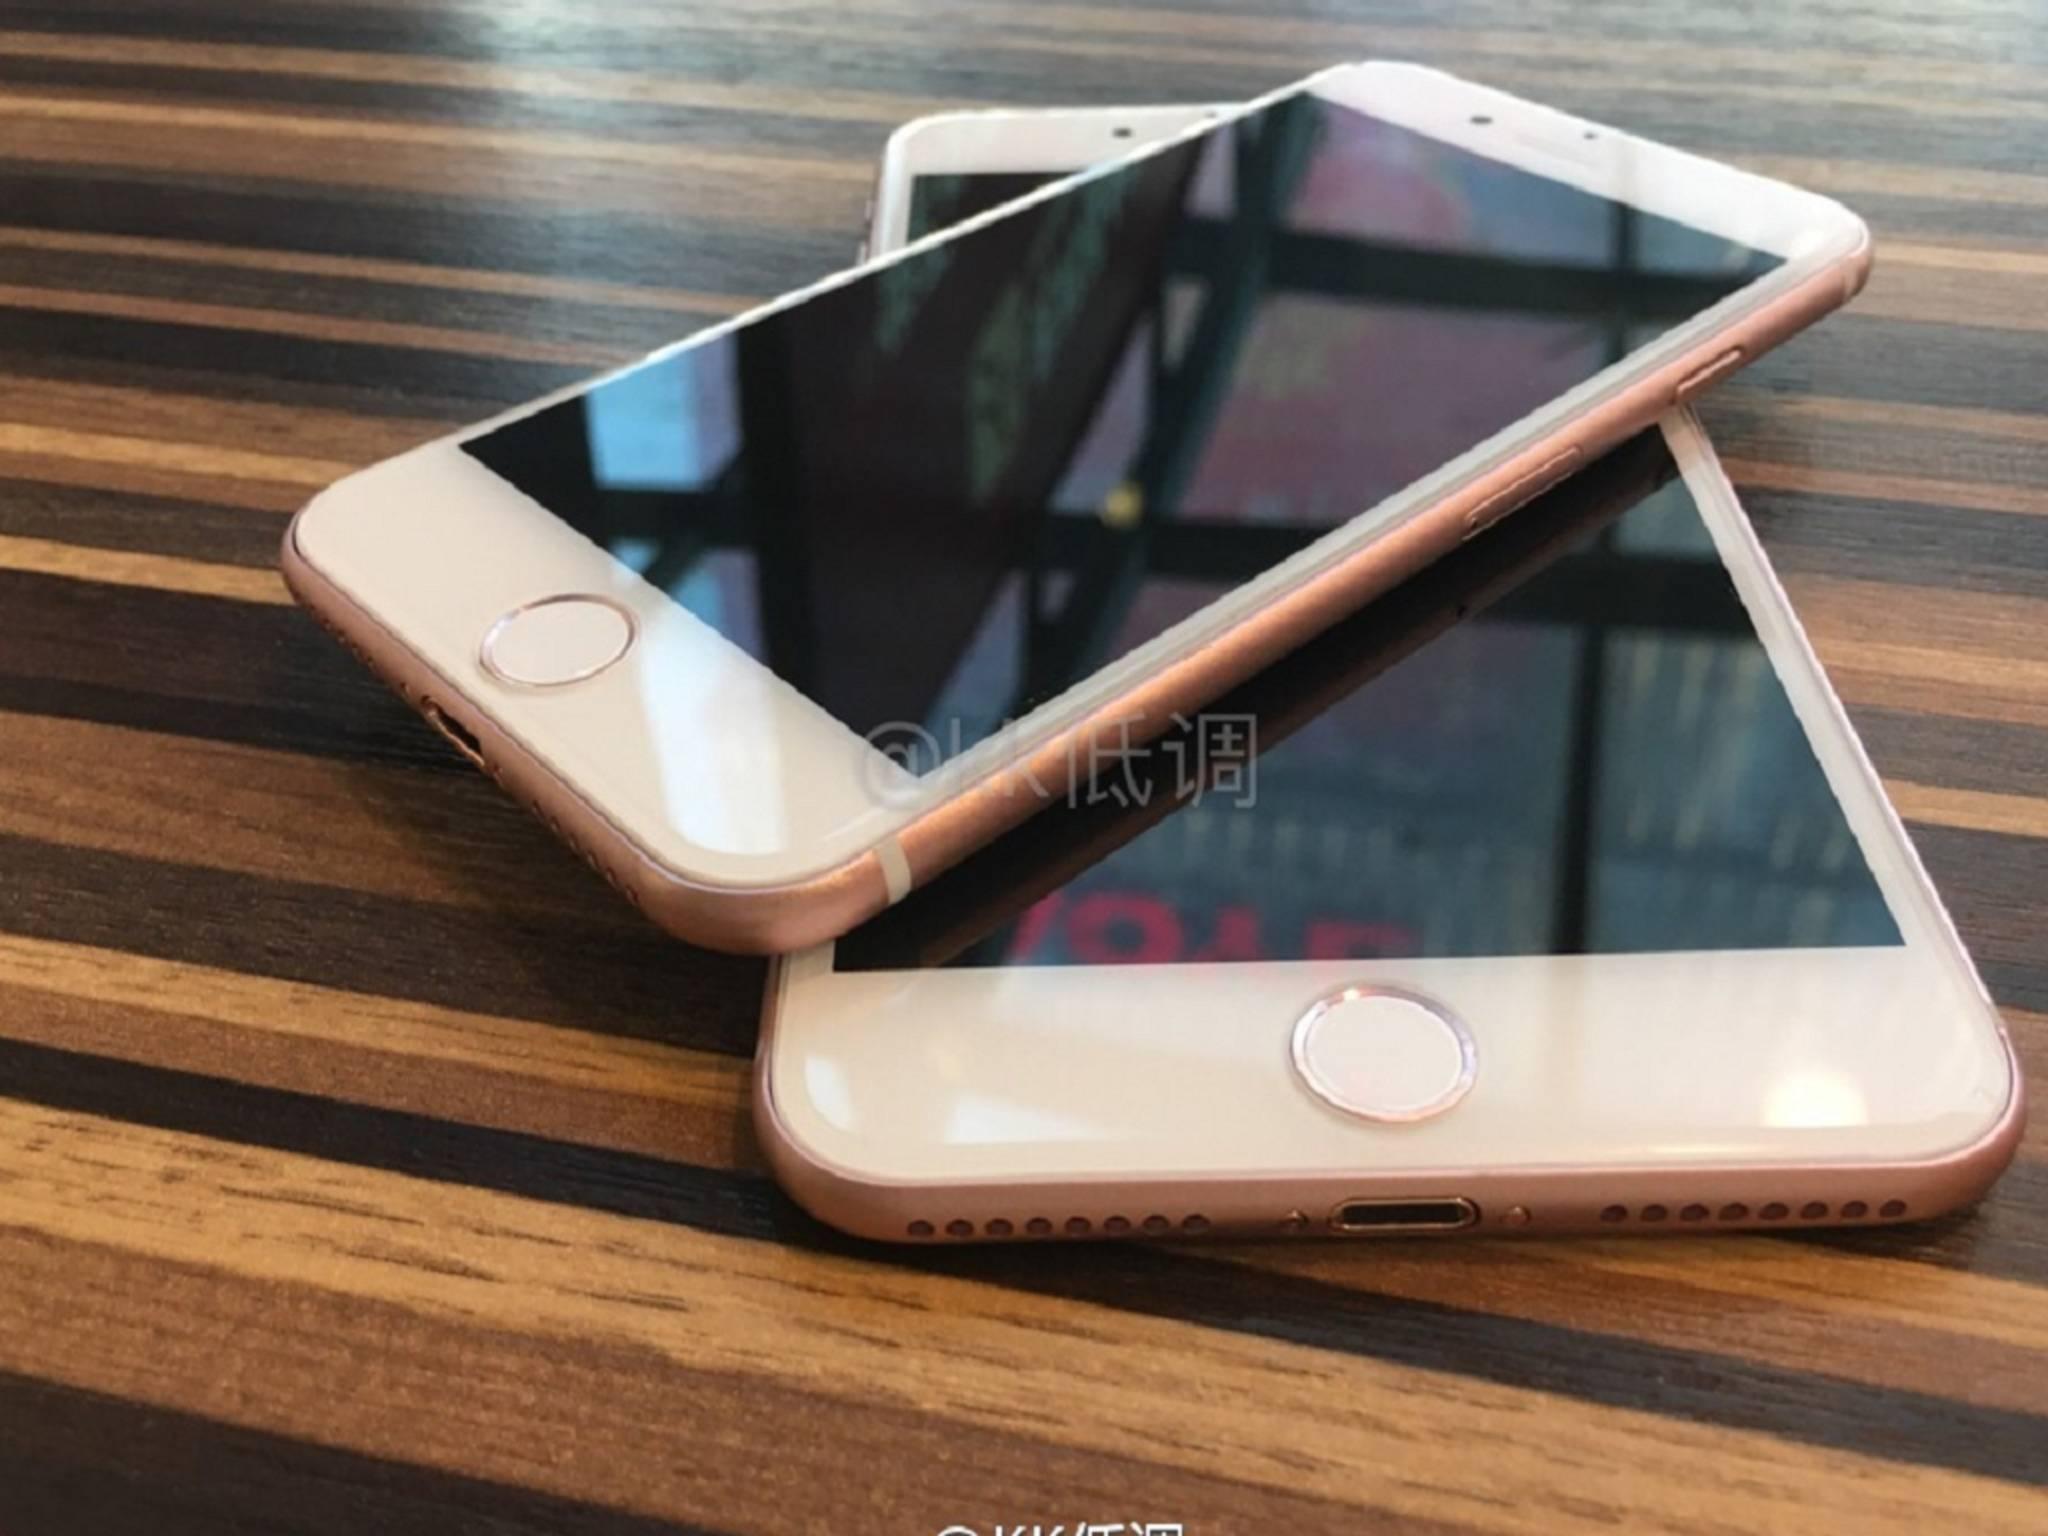 Das iPhone 7 könnte am 7. September vorgestellt werden.